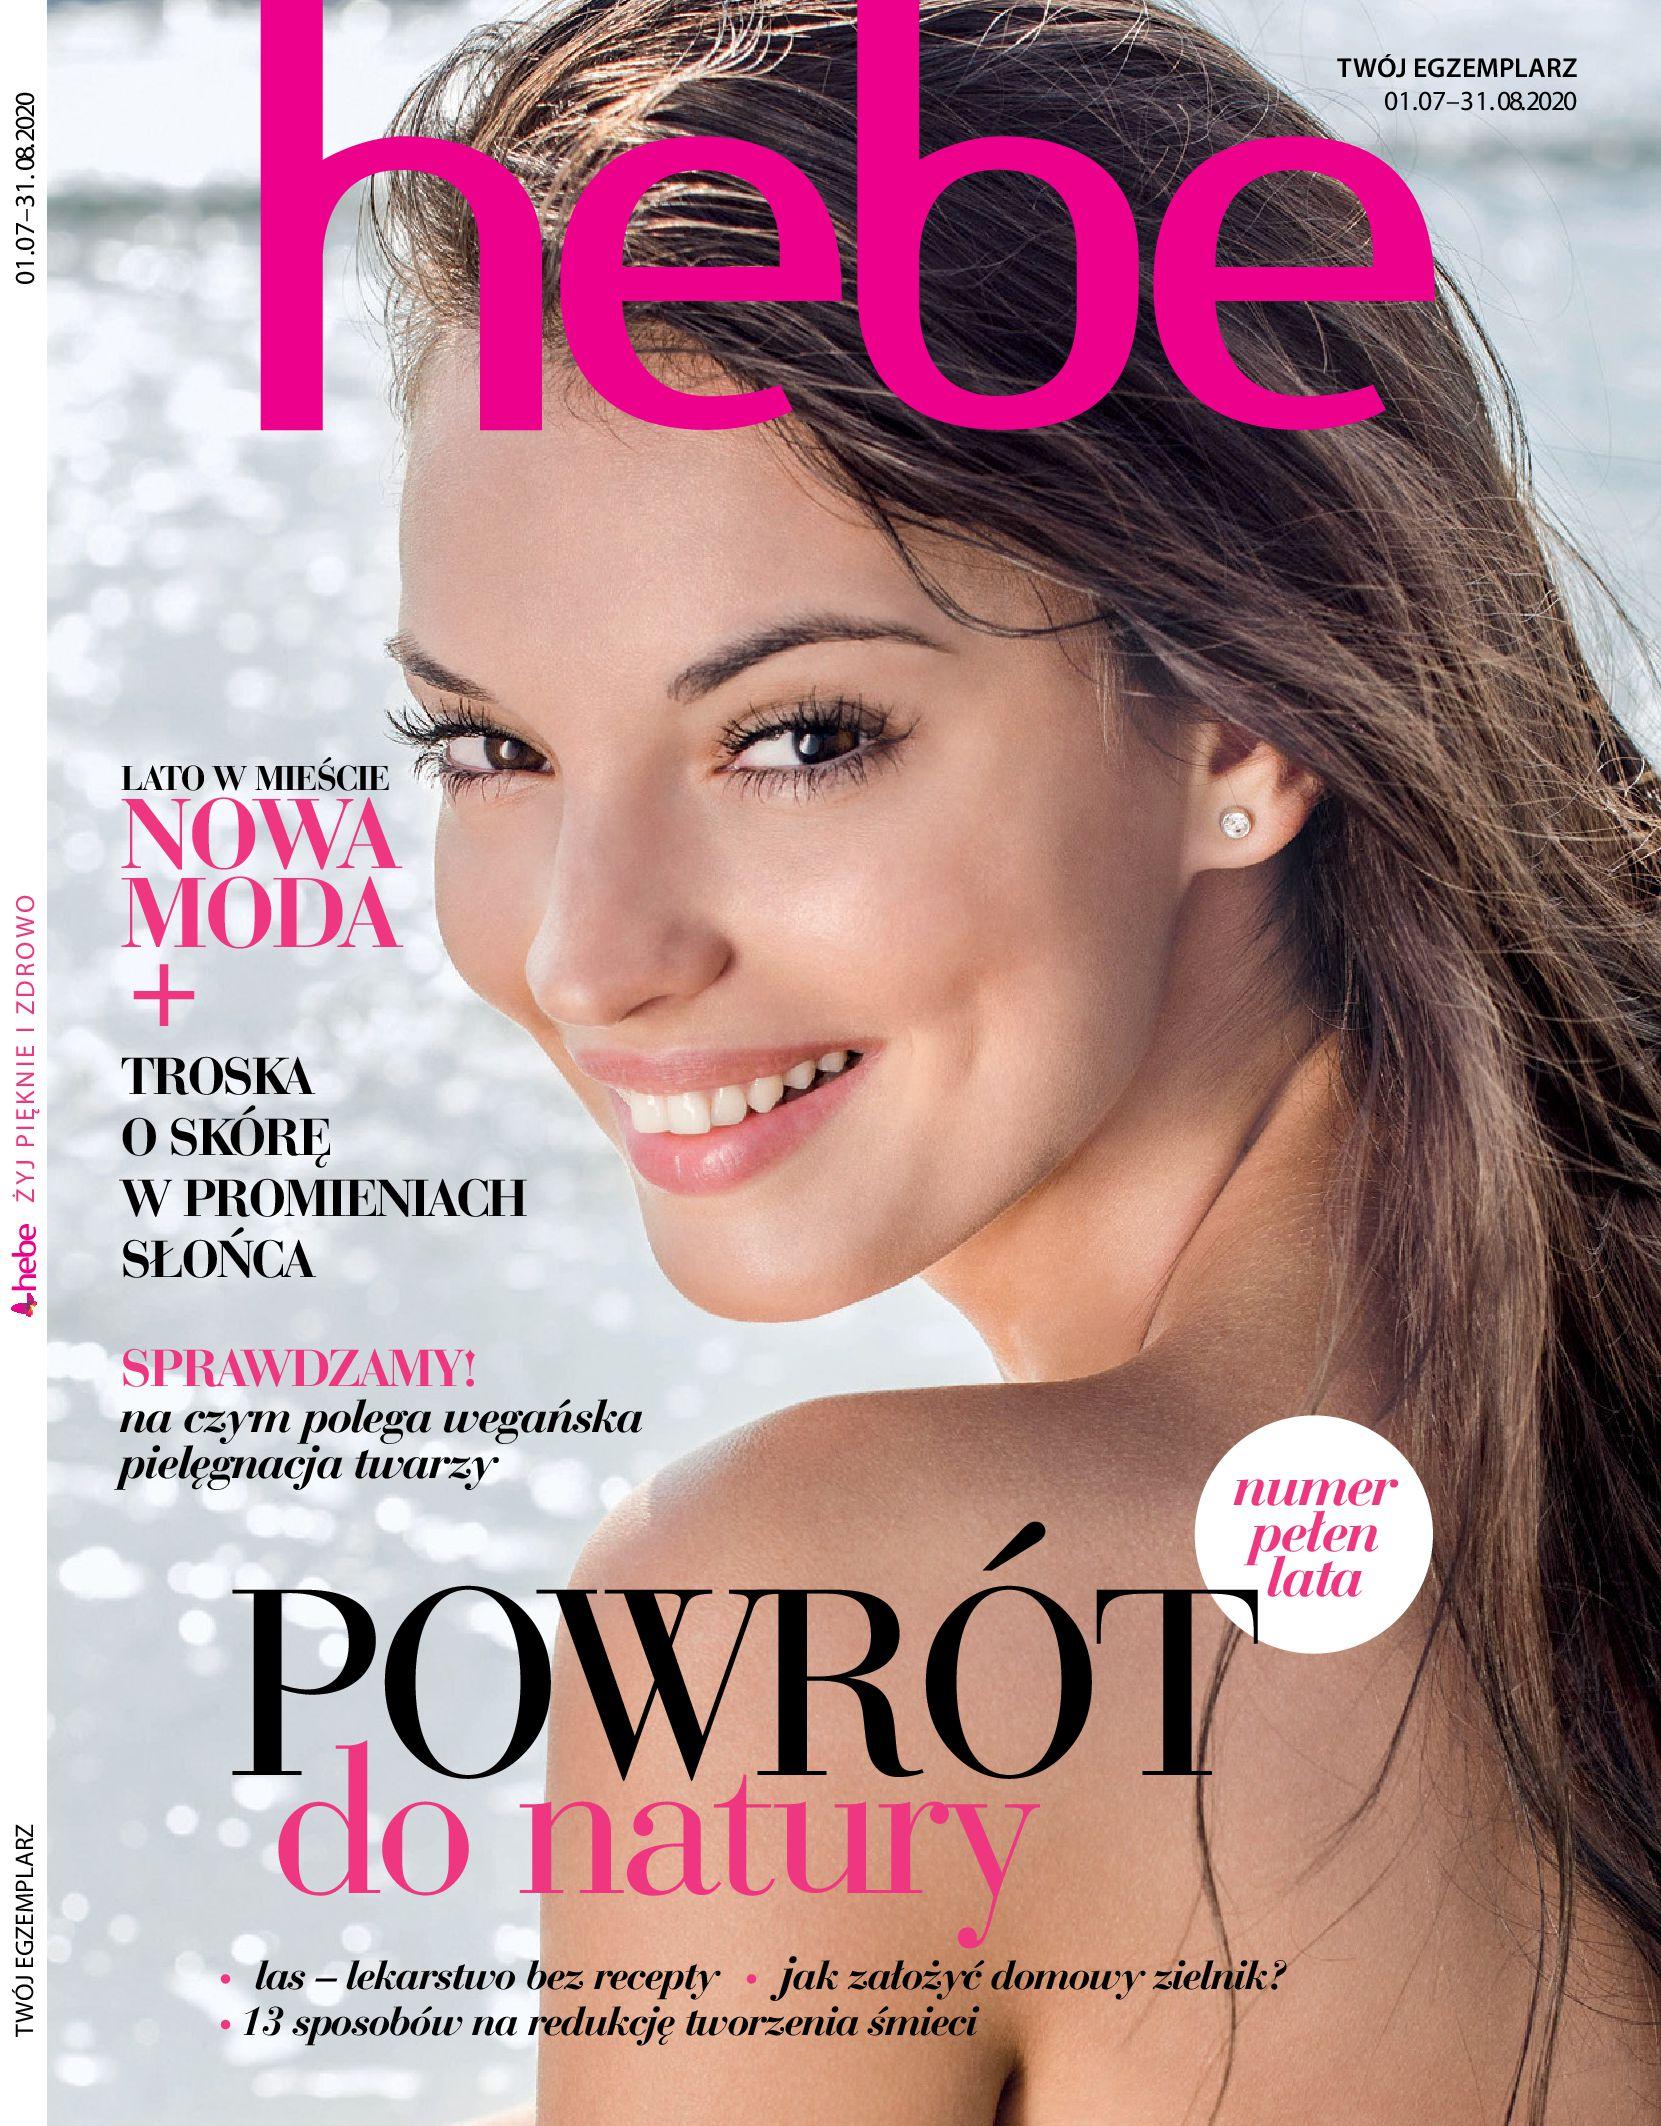 Gazetka hebe - Magazyn Hebe-30.06.2020-31.08.2020-page-1